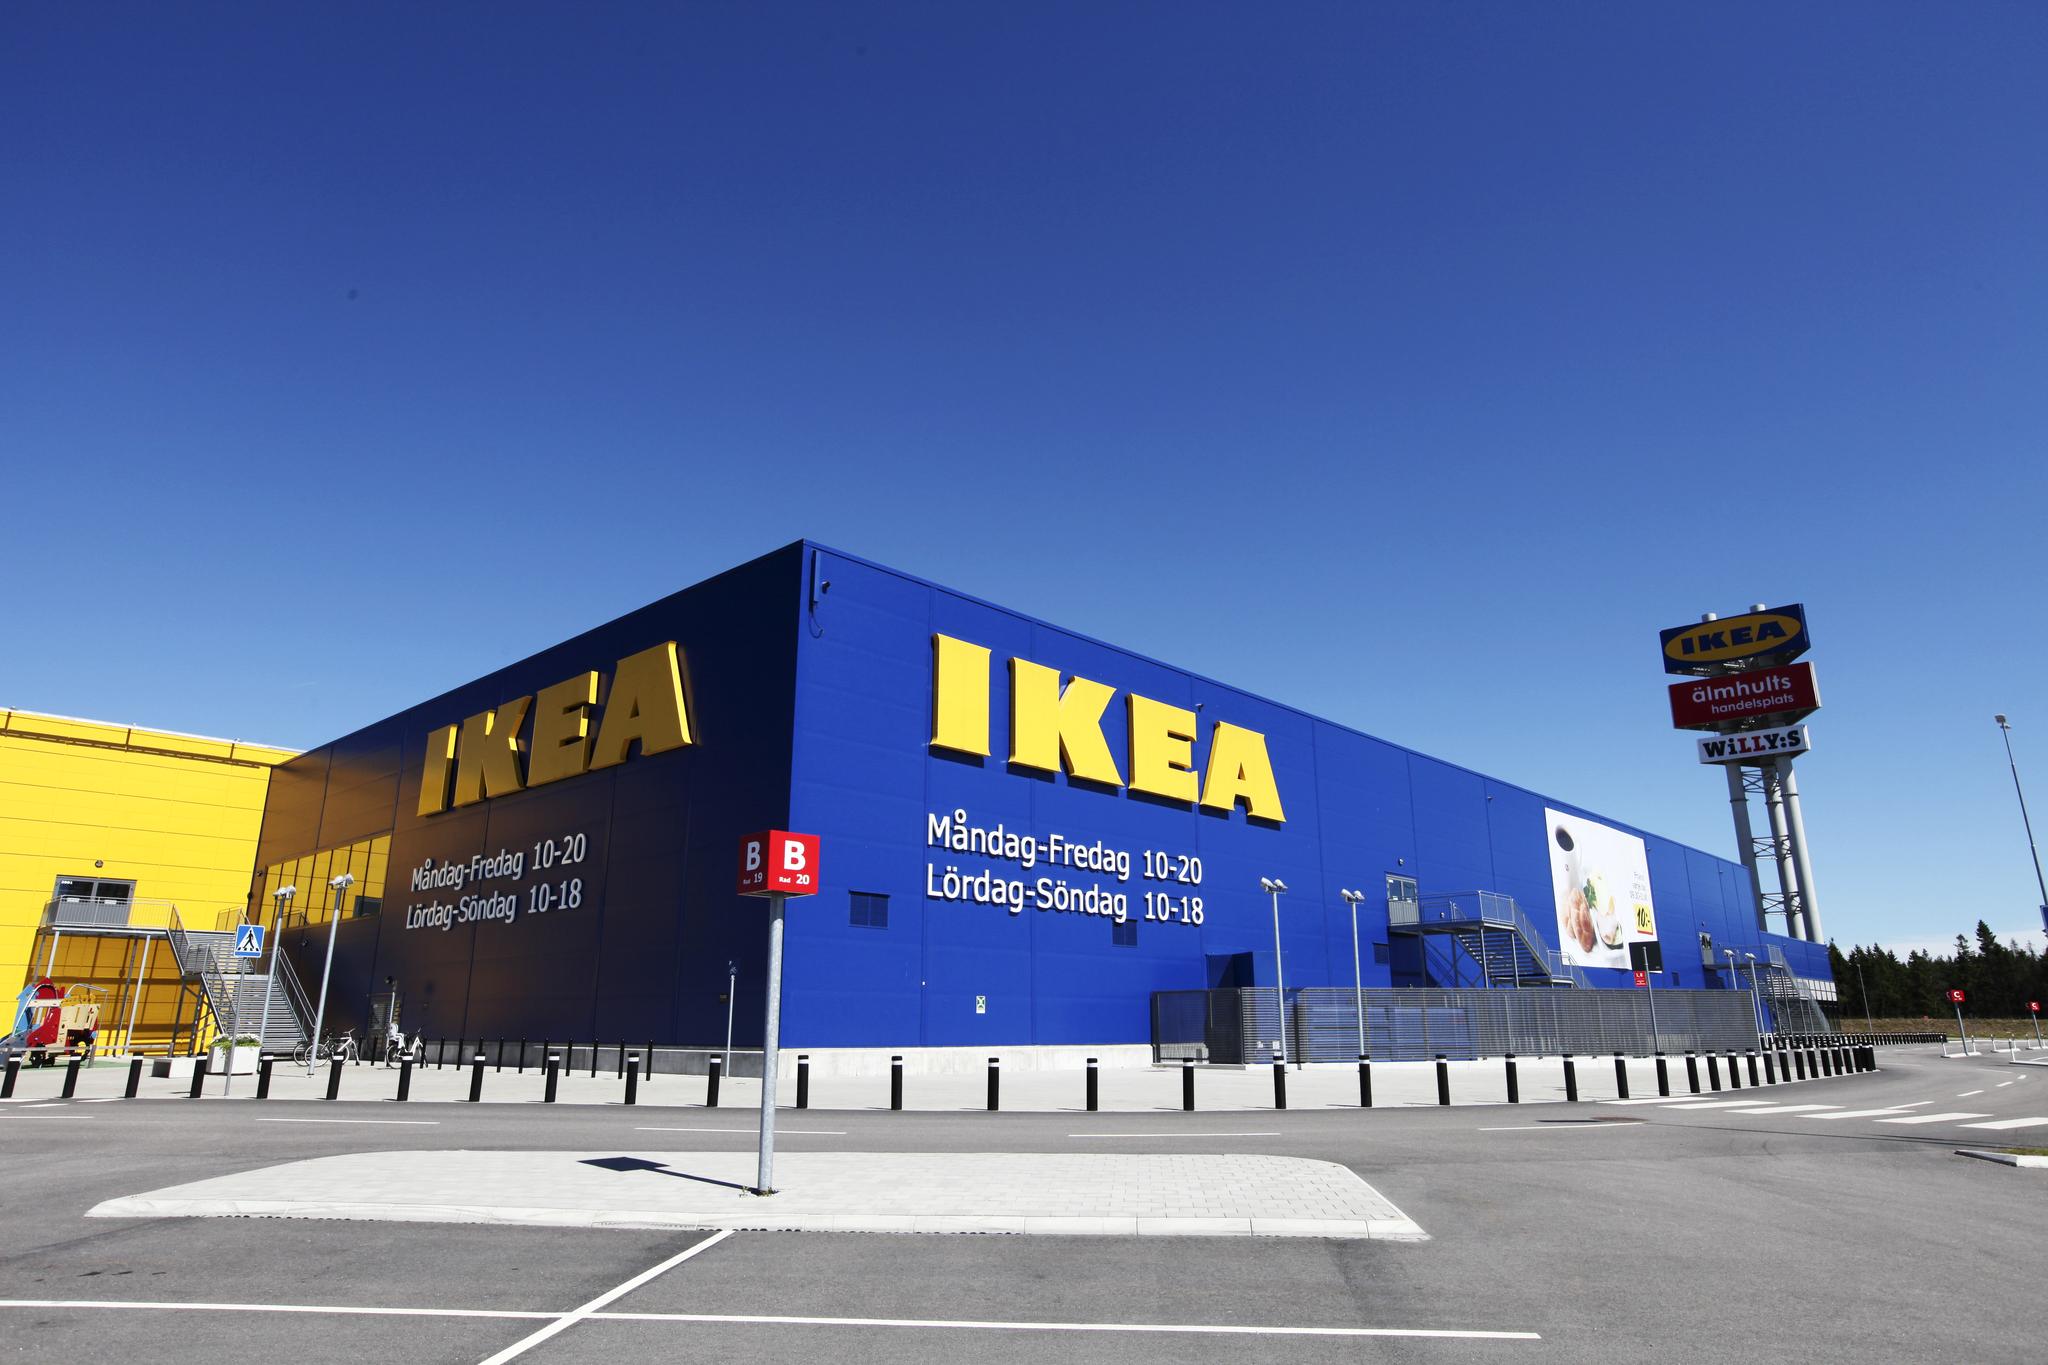 10일 스웨덴 엘름훌트에 위치한 이케아 매장에서 찾은 원가절감의 비밀. [사진제공=이케아]